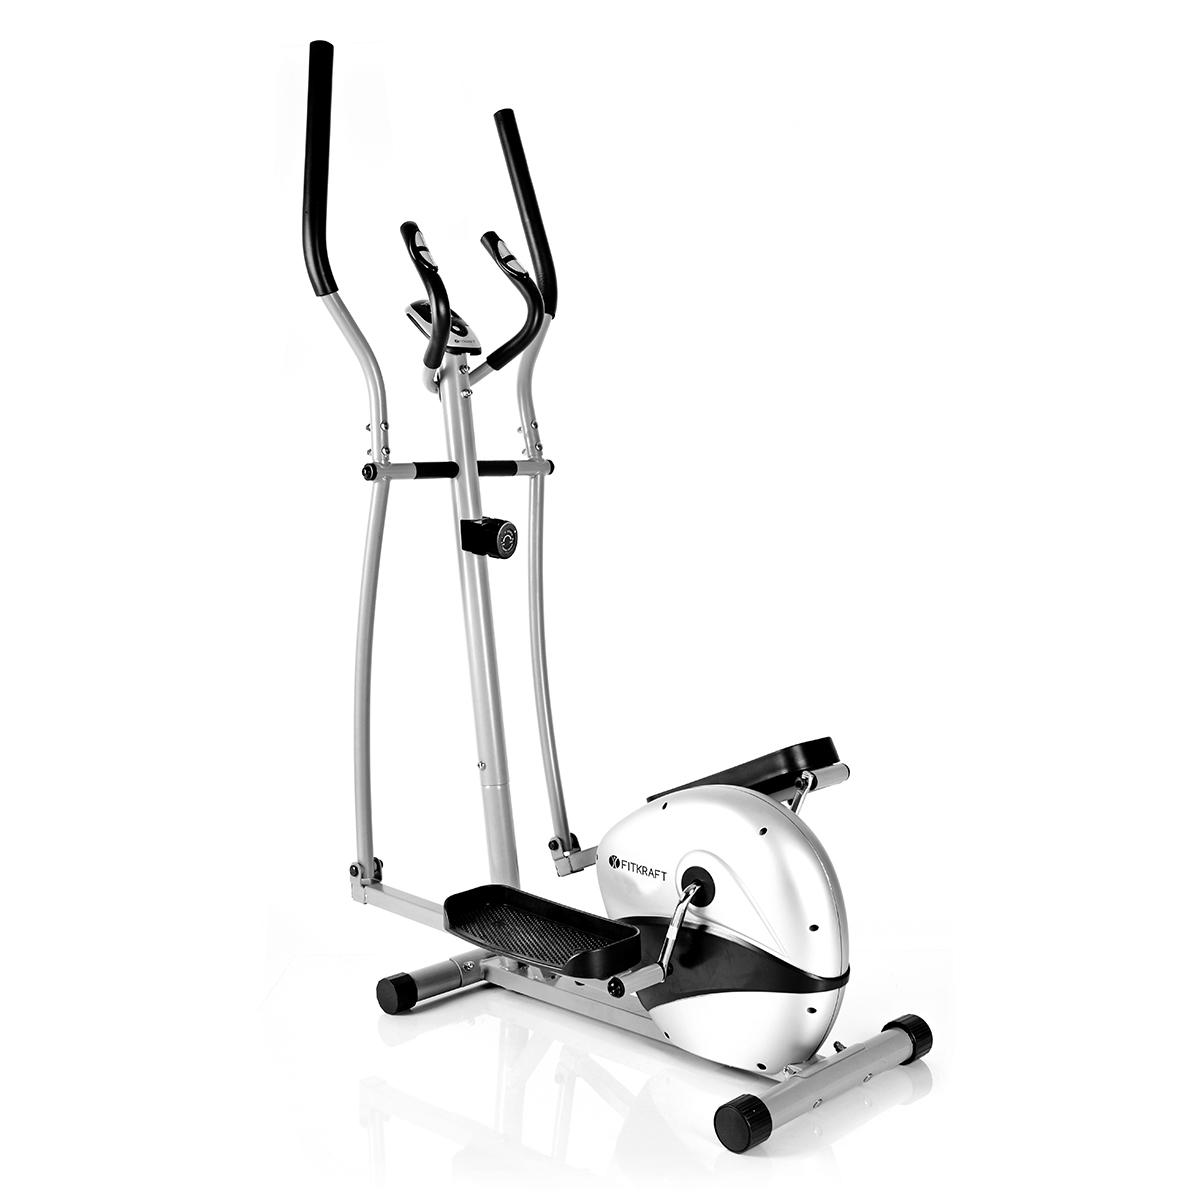 Home Exercise Equipment Stepper: Home Trainer Magnetic Ergometer Fitness Stepper Elliptical